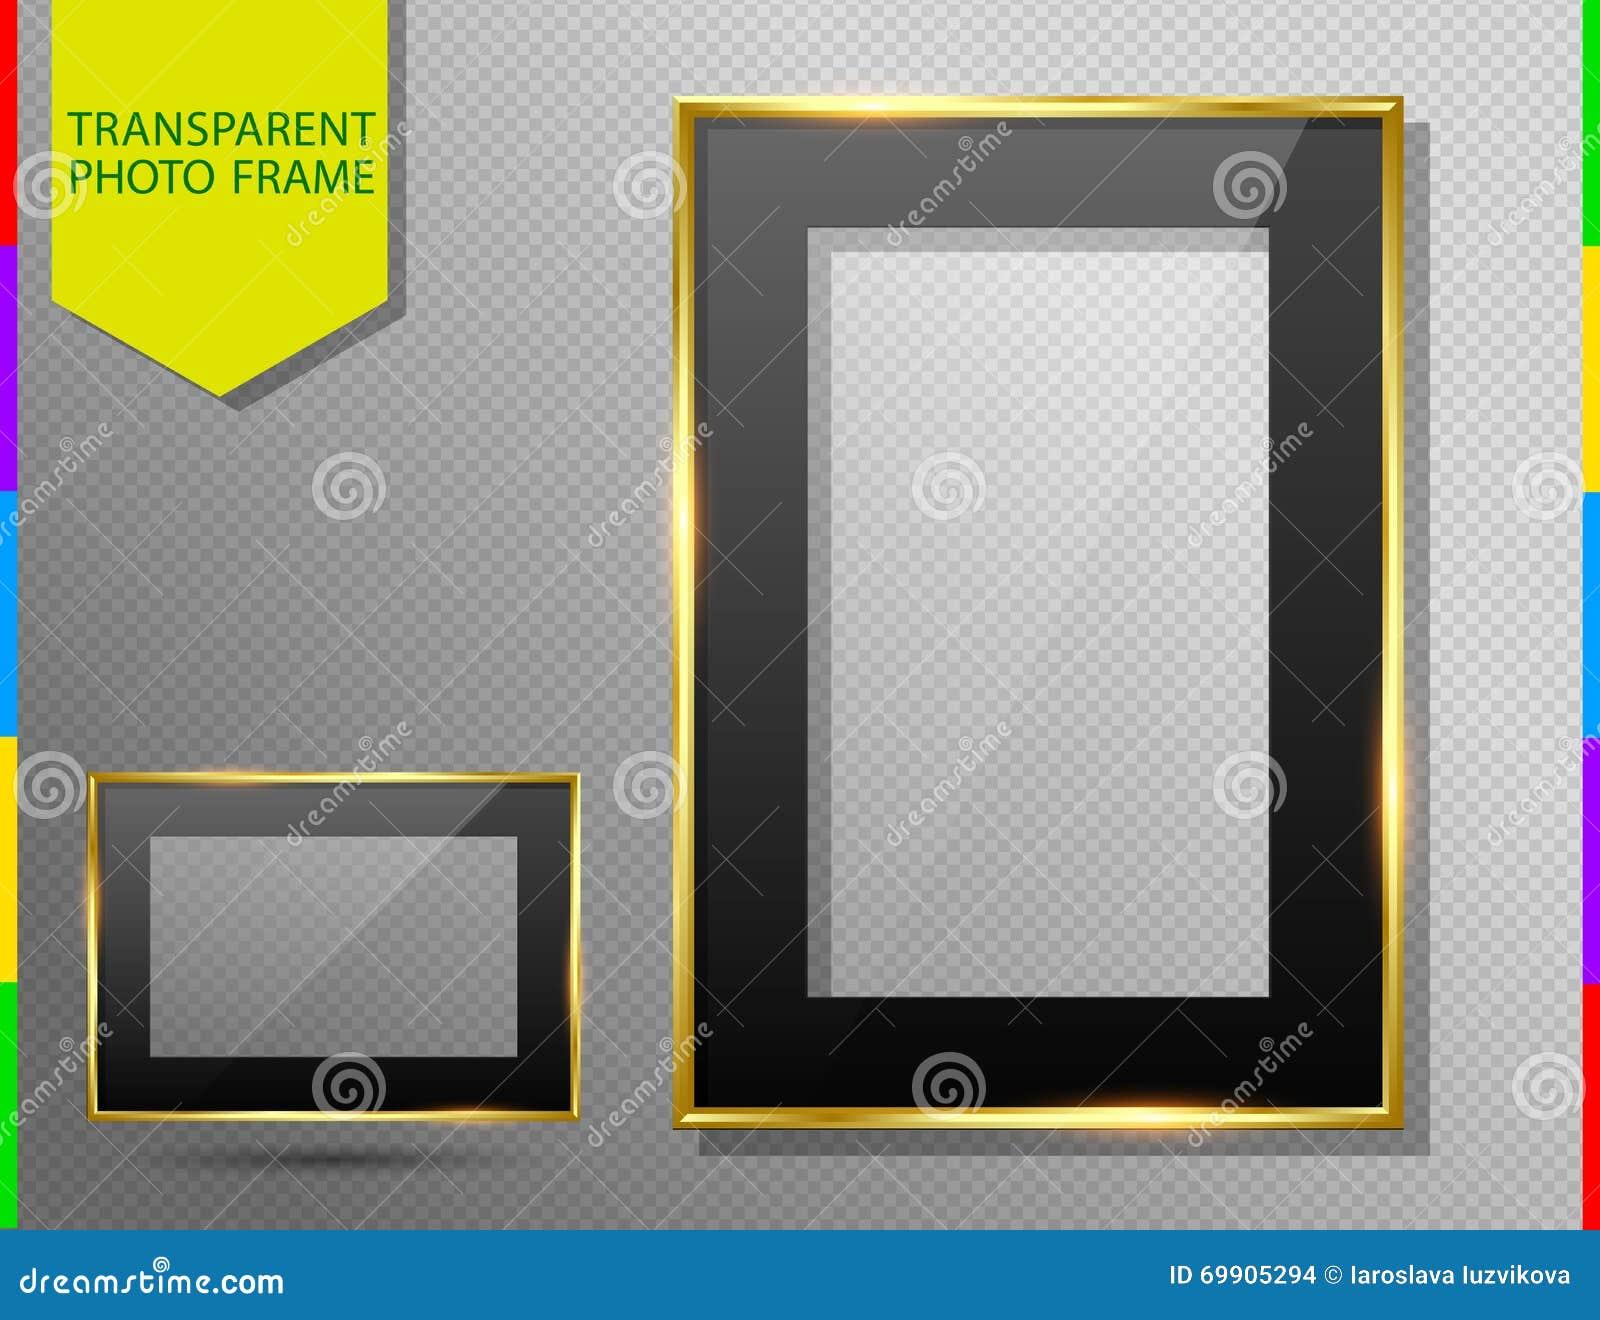 Το χρυσό πλαίσιο φωτογραφιών με το Μαύρο τοποθετεί, διαφανείς γυαλί και σκιά